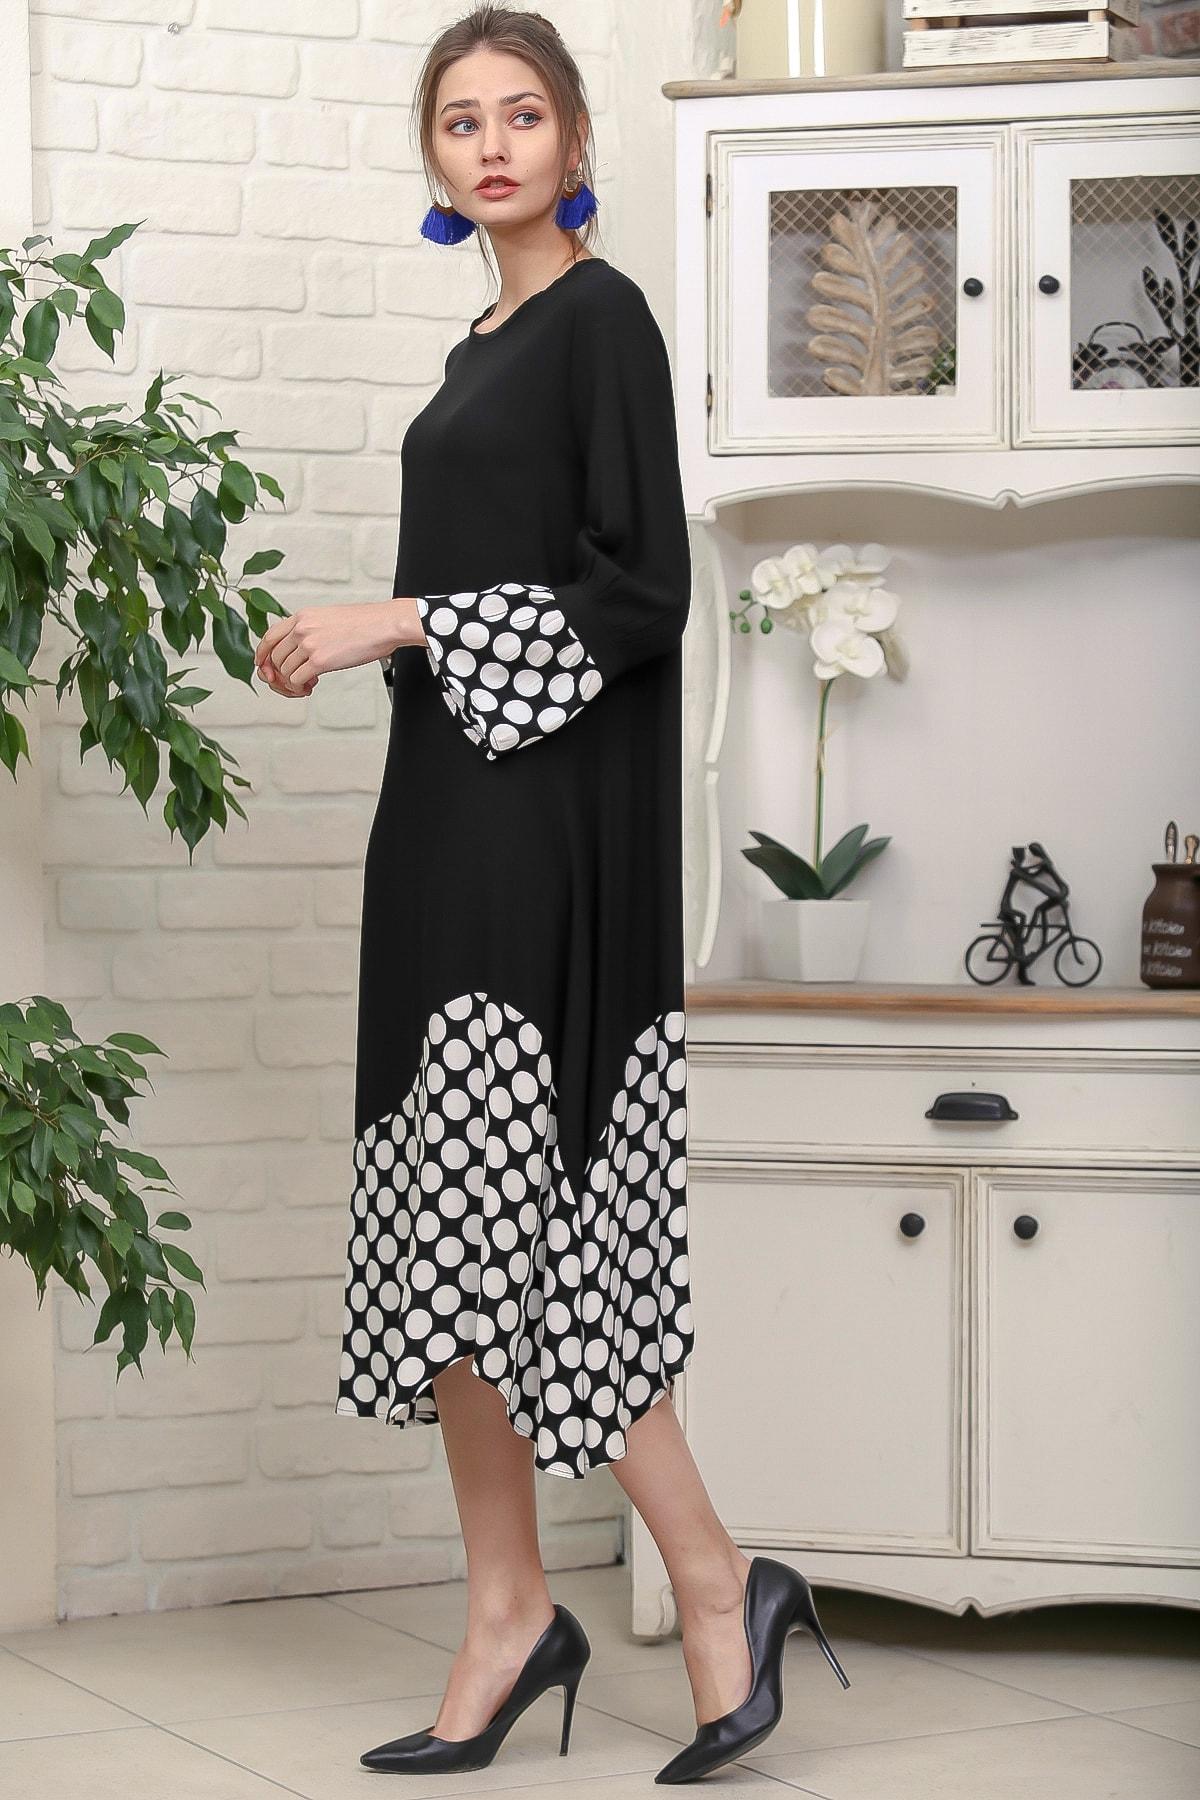 Chiccy Kadın Siyah Sıfır Yaka Puantiye Etek Ucu Bloklu 3/4 Kol Elbise M10160000EL95895 2